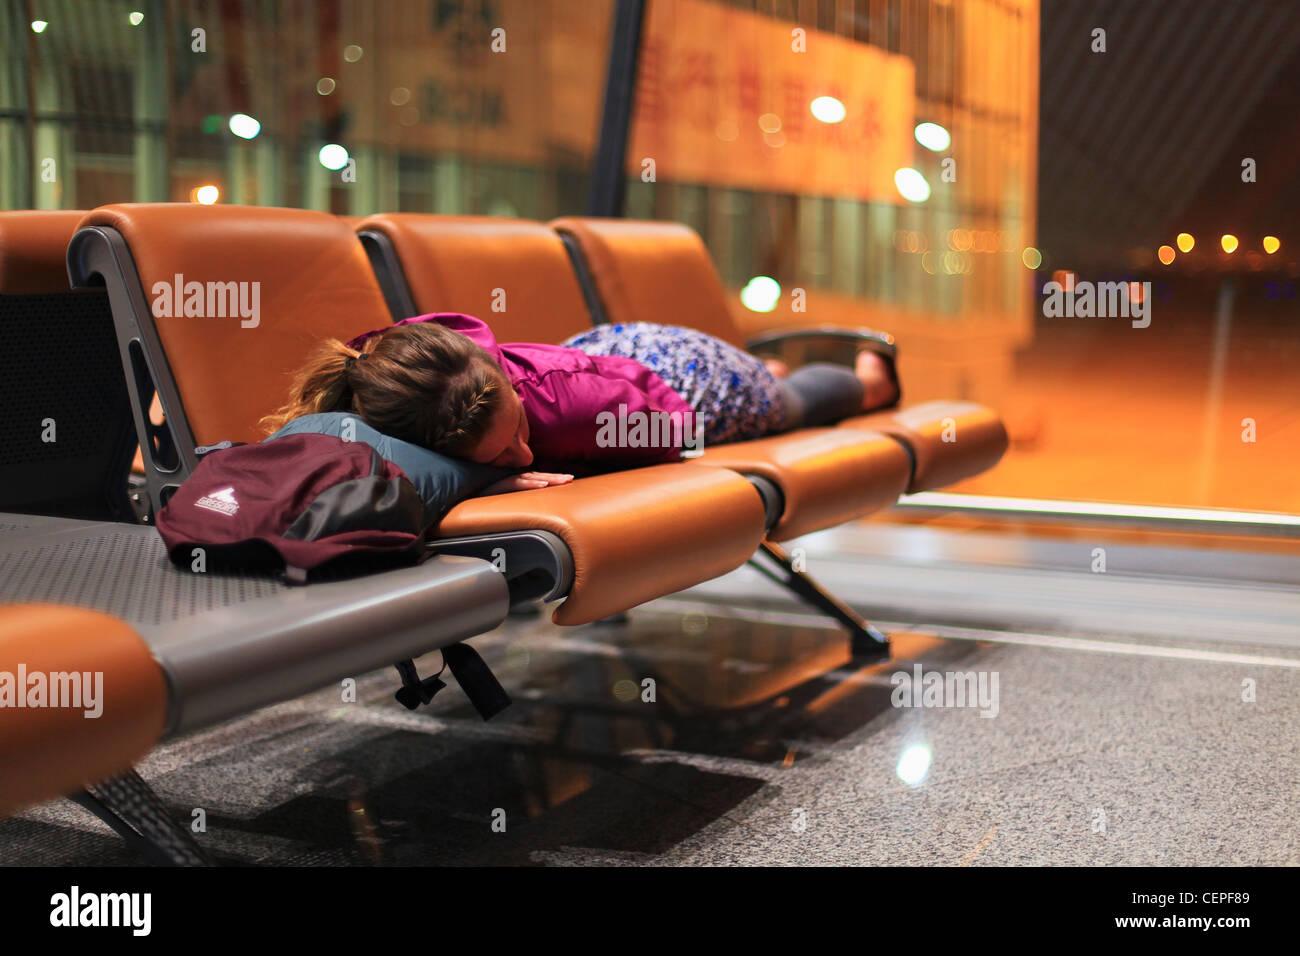 Una ragazza di dormire su sedie in un aeroporto, Pechino Immagini Stock